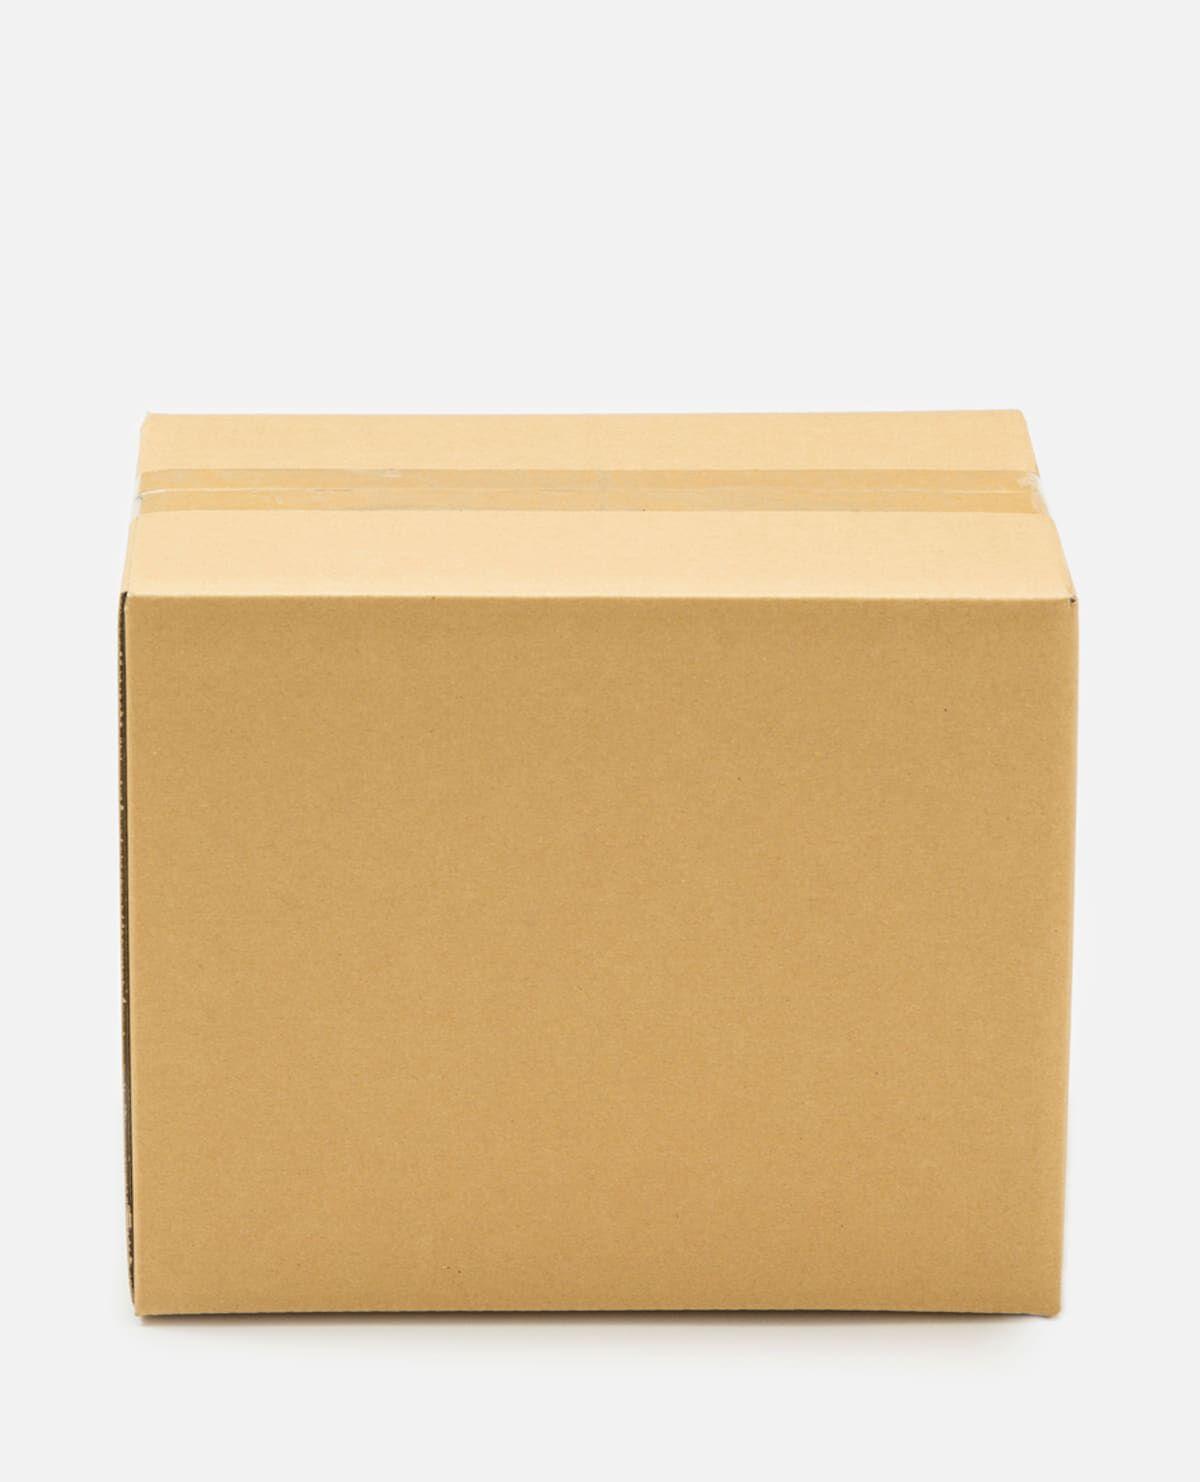 イタリアンミールセット(ミートソースパスタとブッラータチーズのセット)2人前 LIFEのお取り寄せ